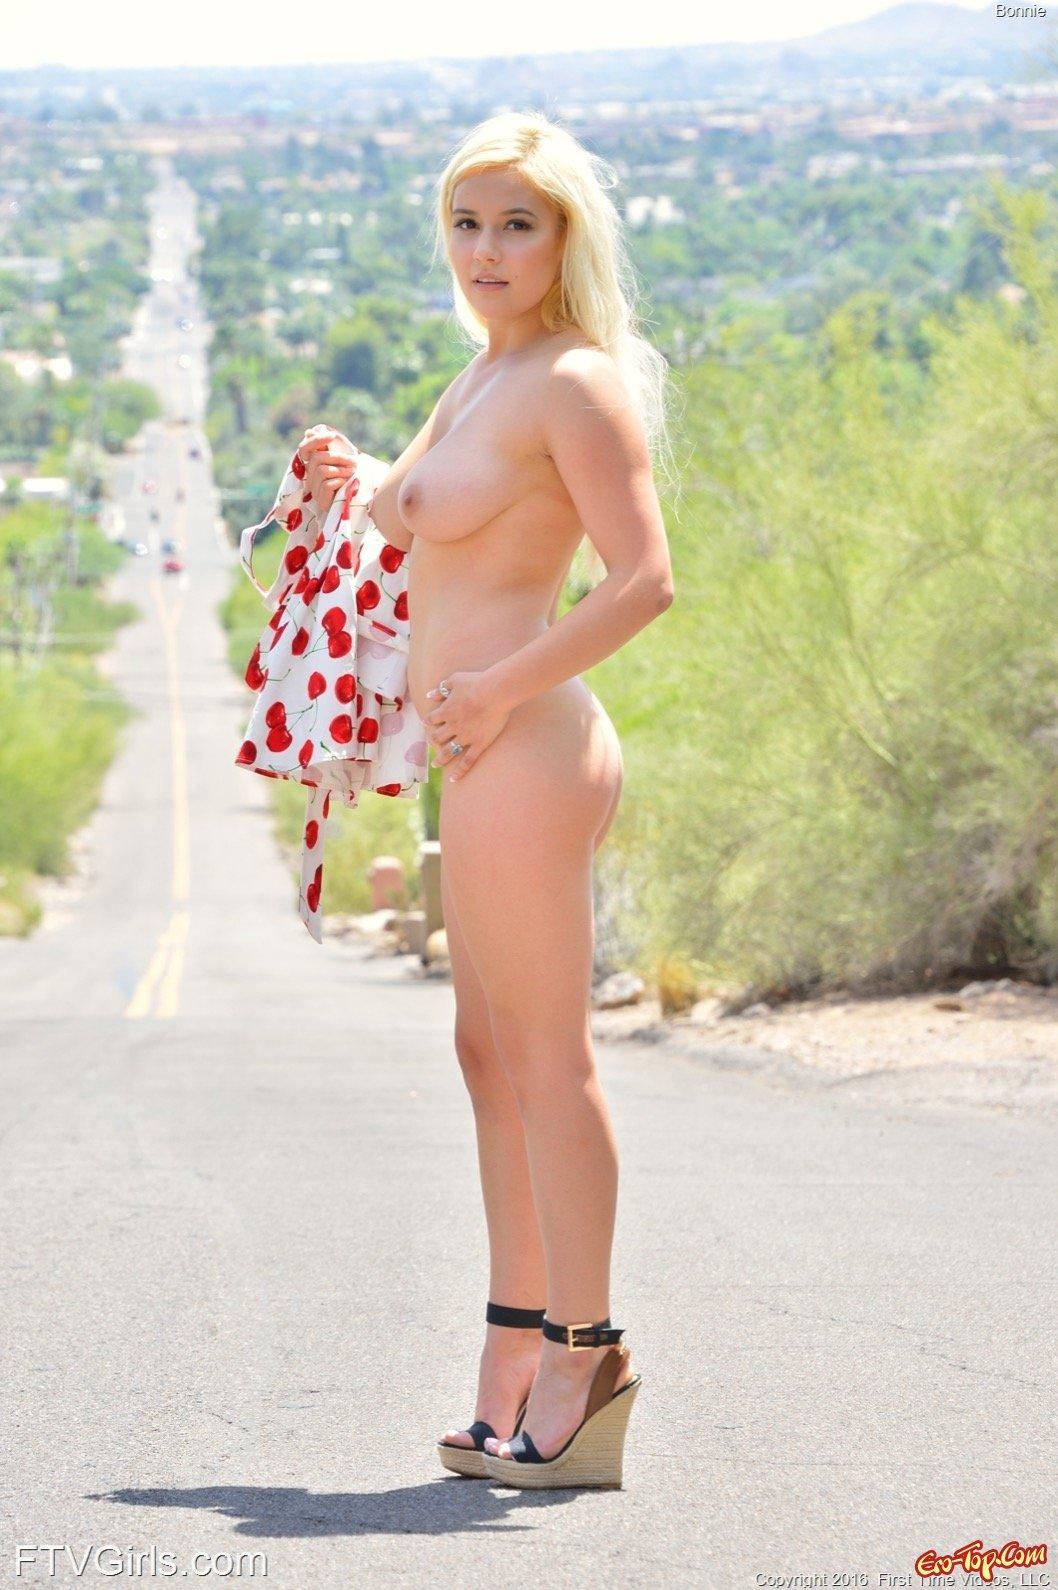 Блондинка с огромными сиськами стащила платье в общественном месте смотреть эротику